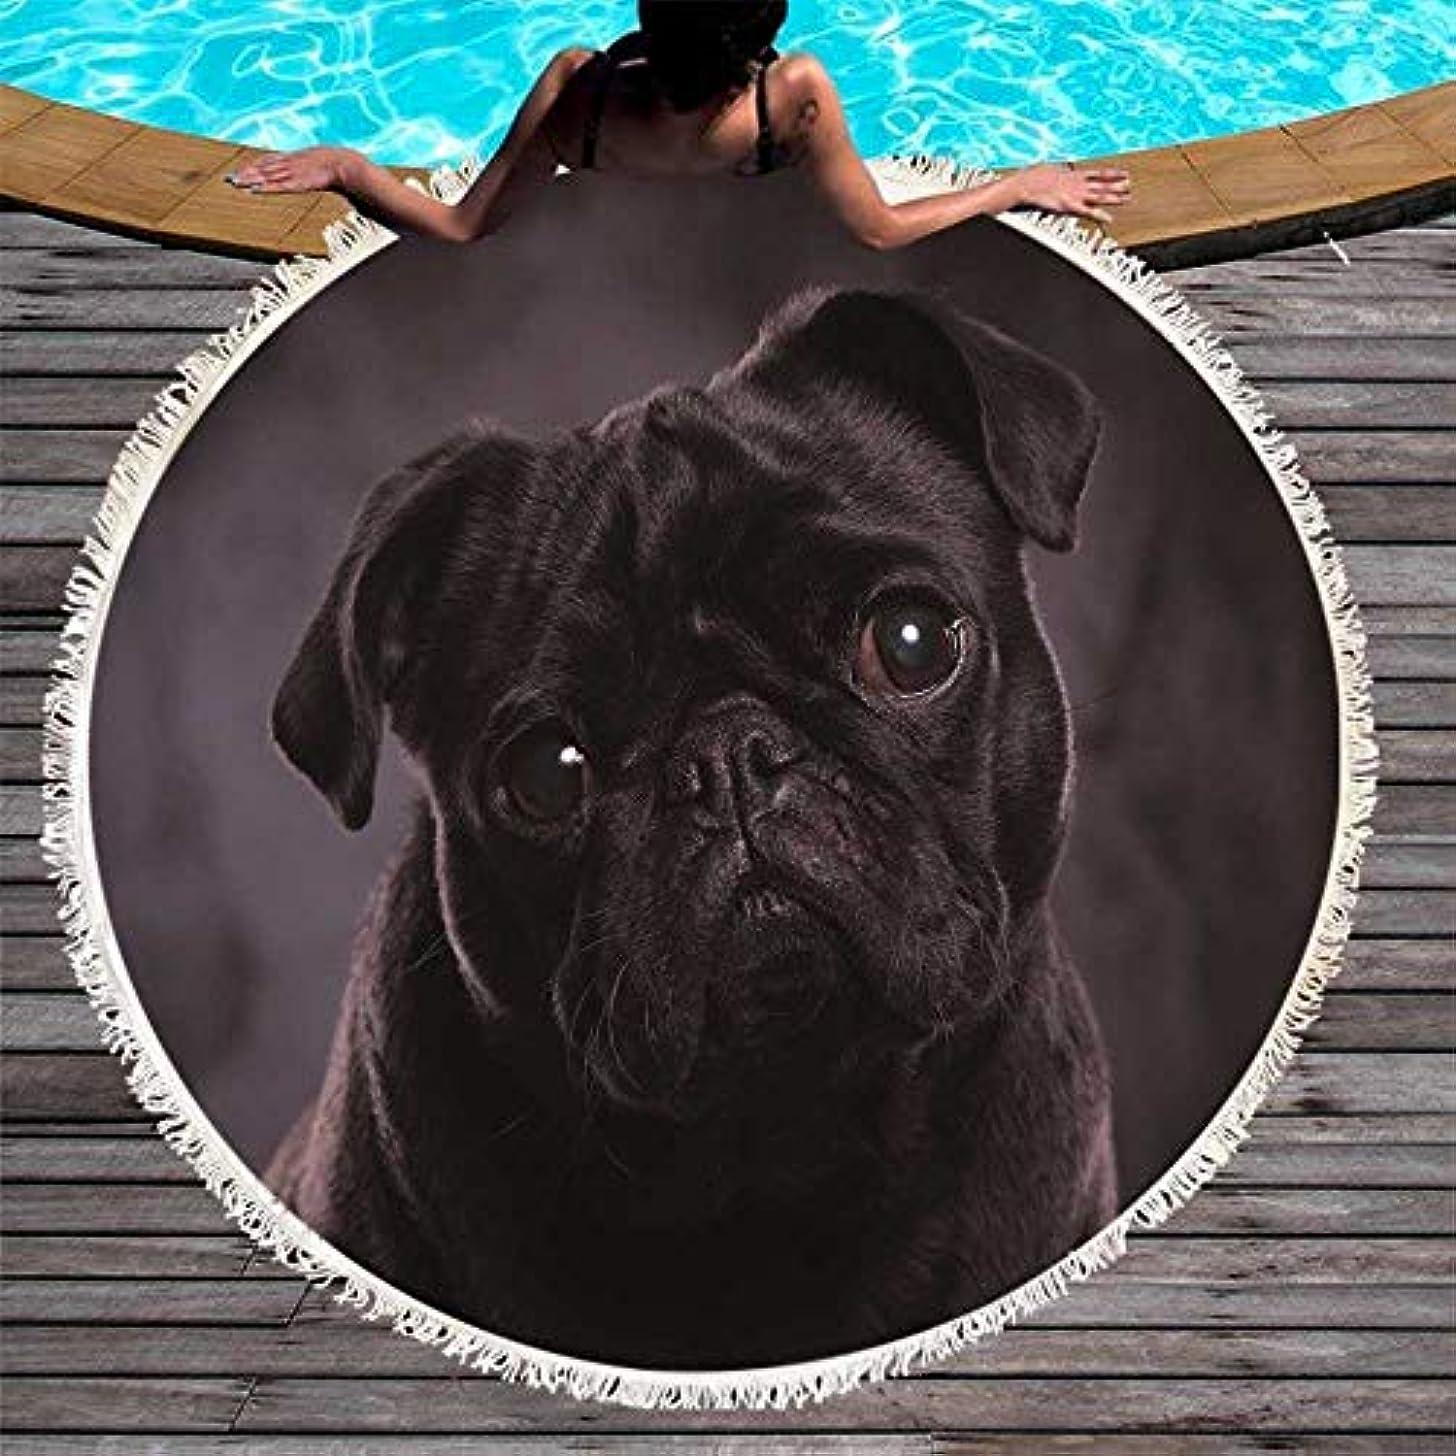 水っぽいラッシュ豆犬ラウンドビーチタオルプリントタッセルマイクロファイバーブランケットヨガ動物ピクニックラージマット150 cm (色 : 2, サイズ : 150CM)